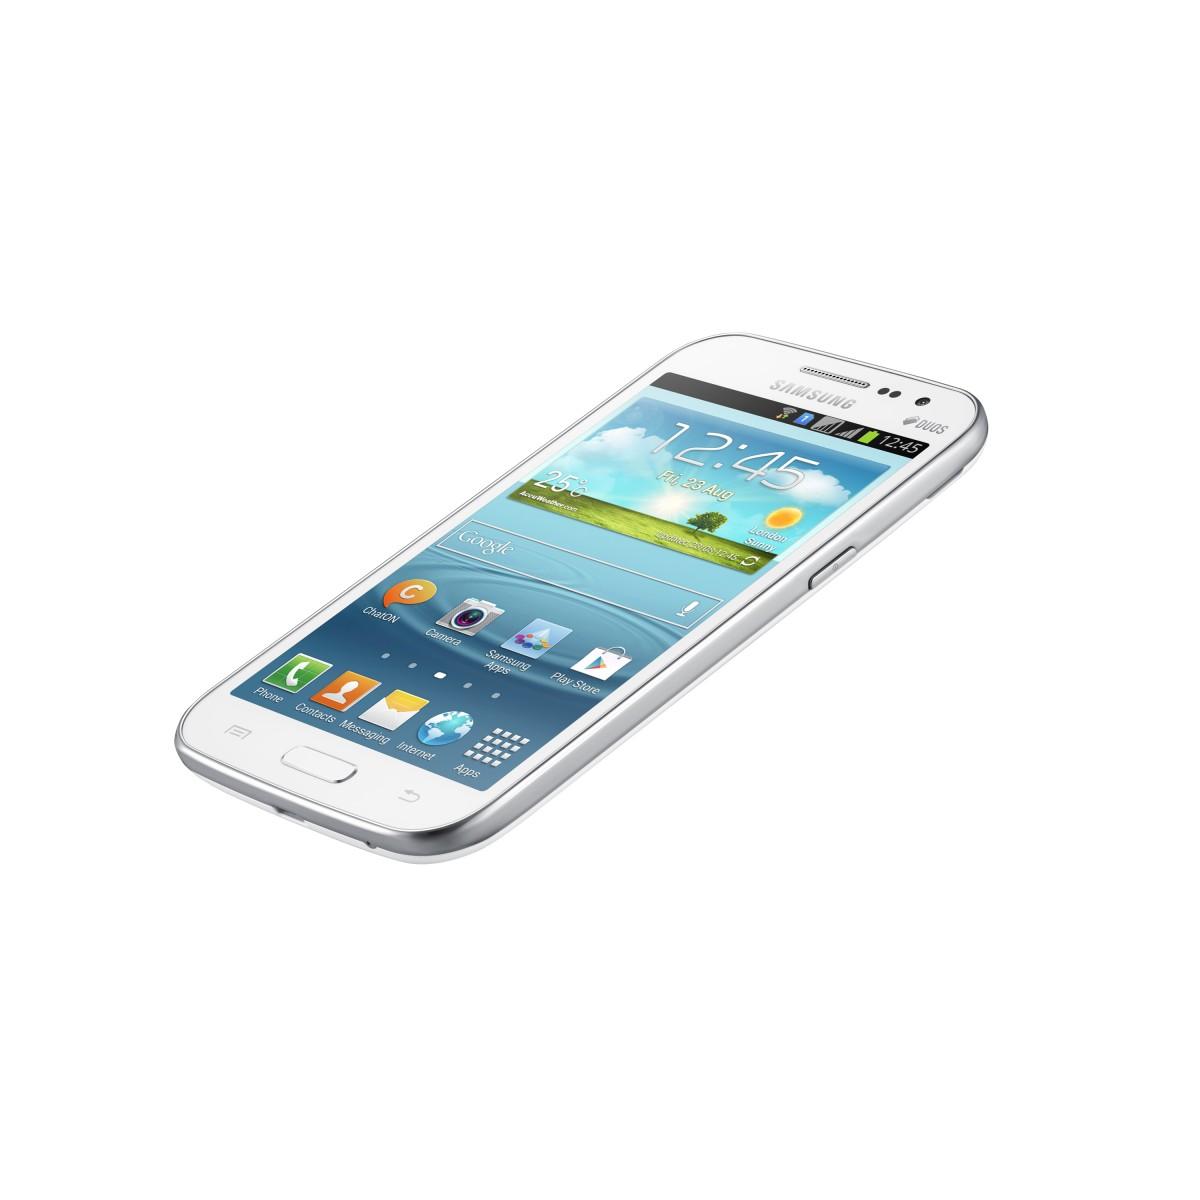 Smartphone Desbloqueado GT-I8552B Galaxy Win Duos Branco com Dual Chip, Tela de 4.7, Android 4.1, Processador Quad Core